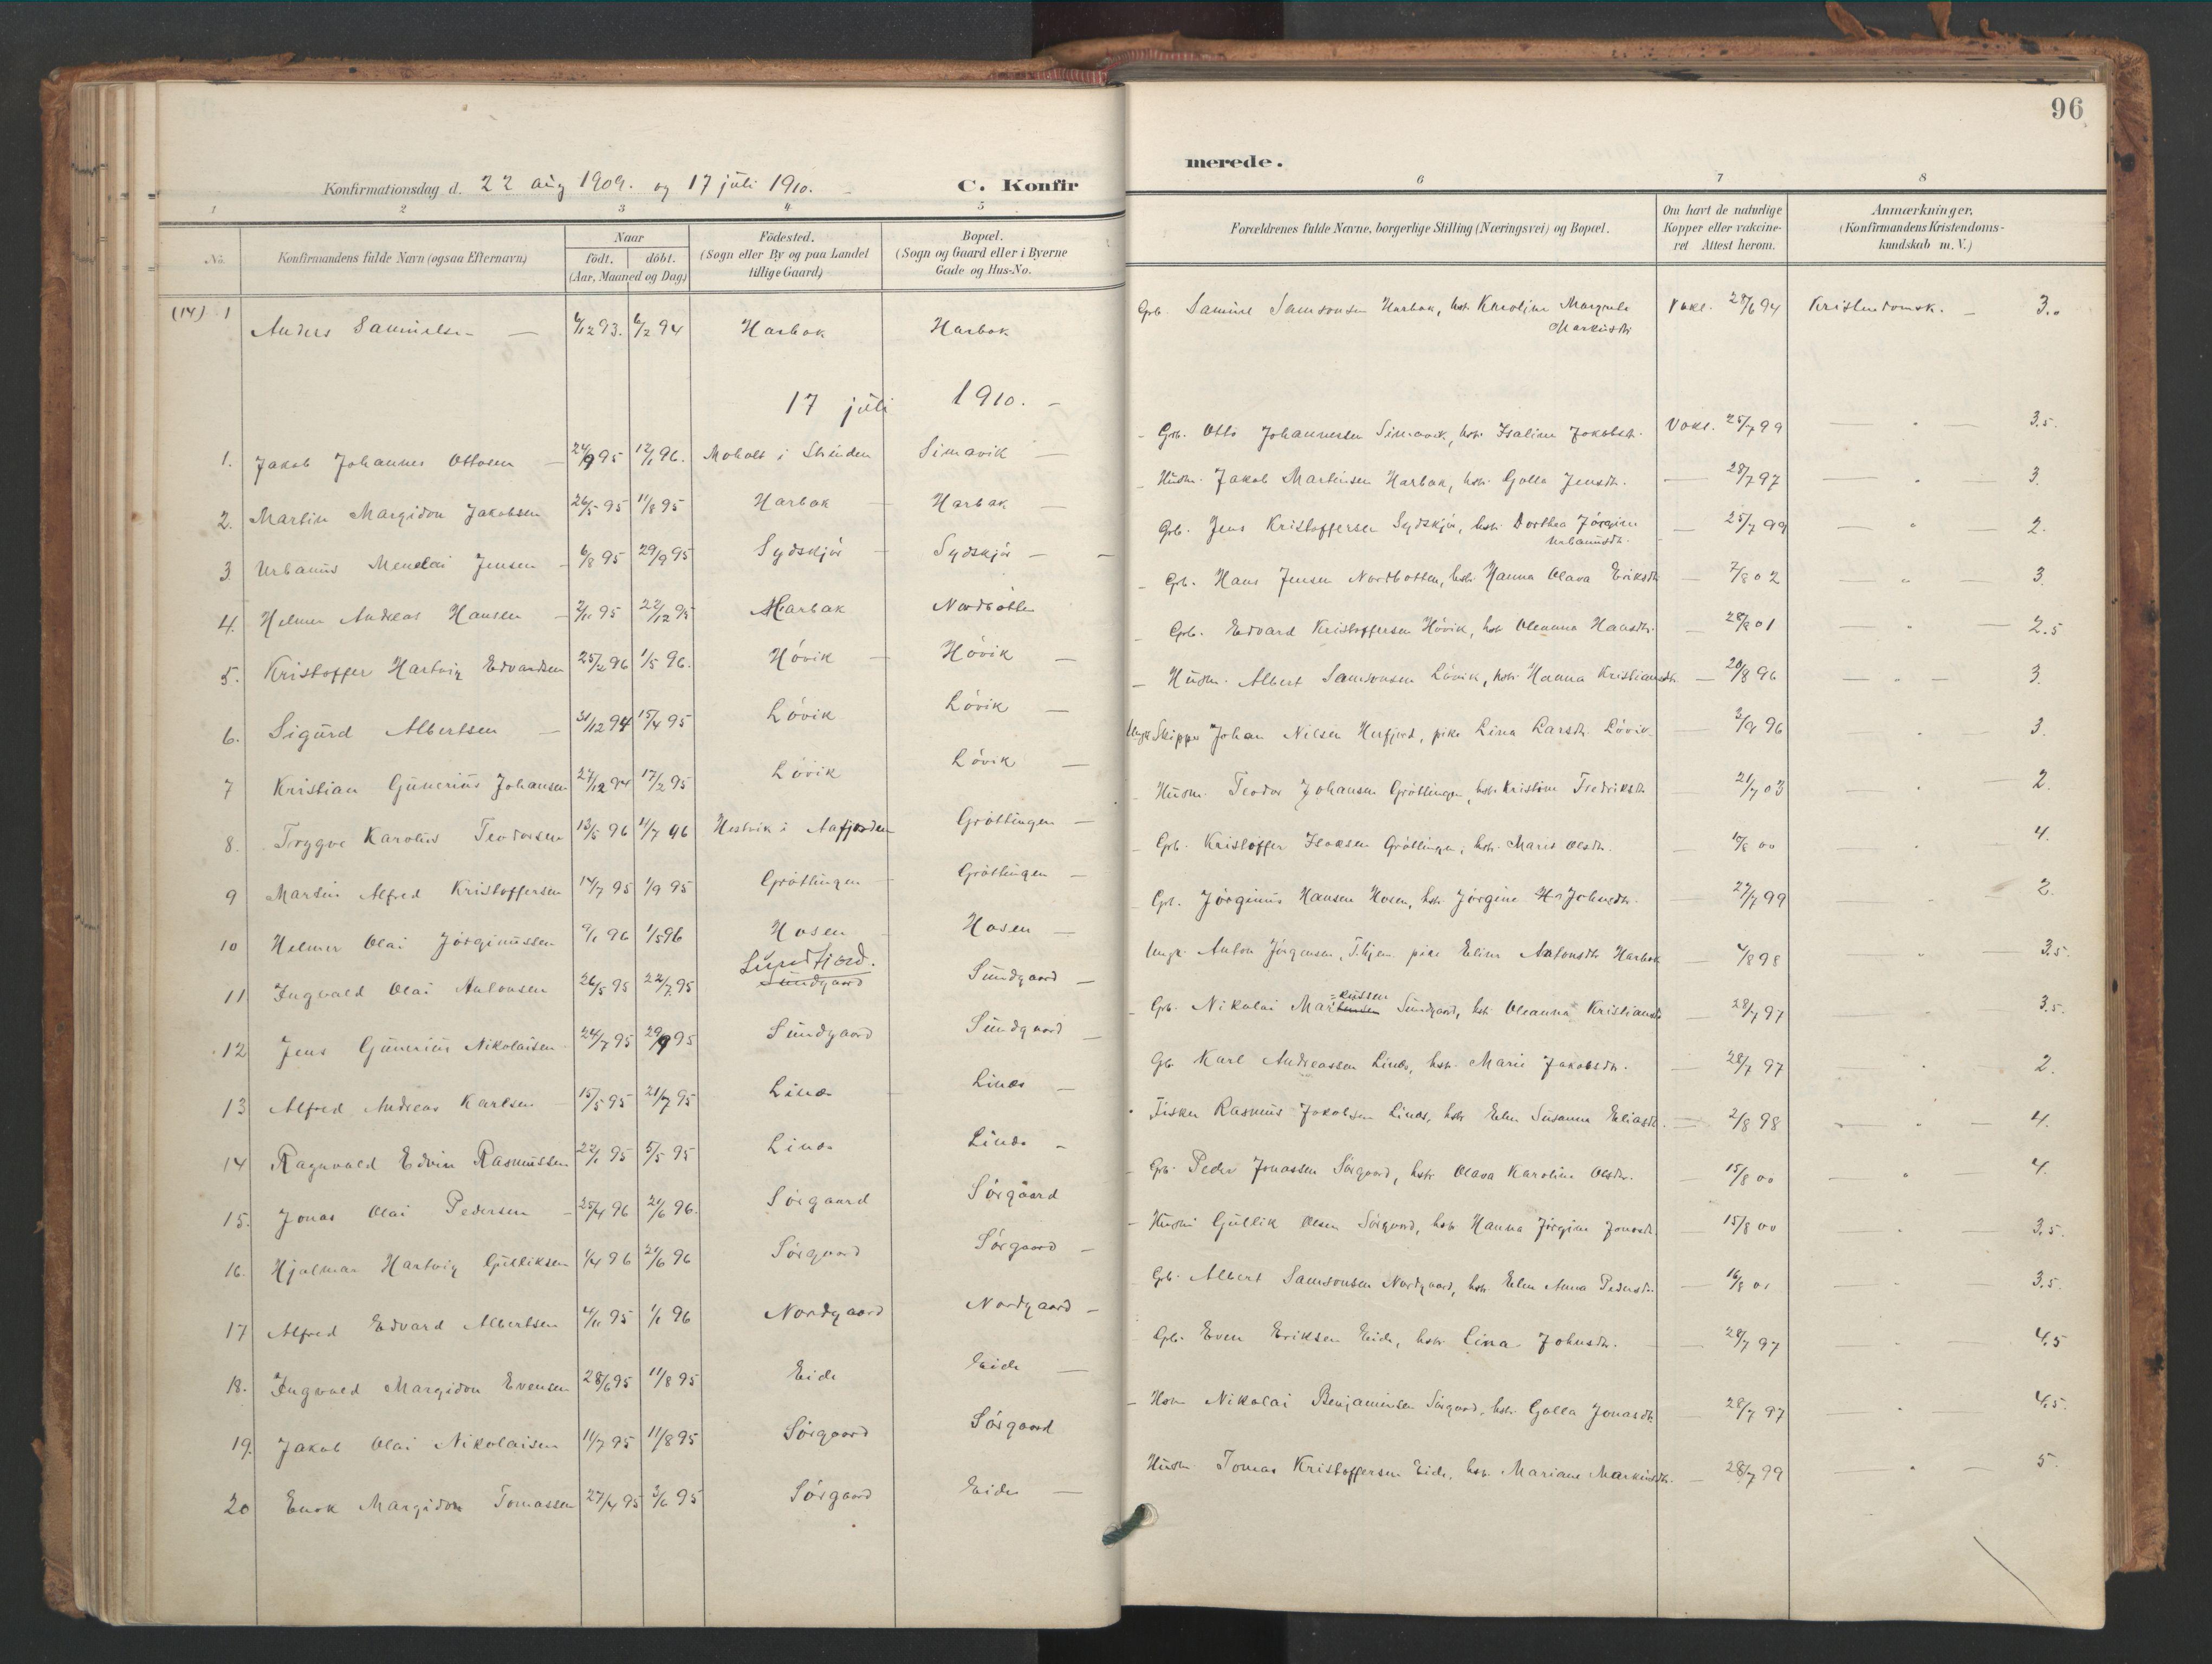 SAT, Ministerialprotokoller, klokkerbøker og fødselsregistre - Sør-Trøndelag, 656/L0693: Ministerialbok nr. 656A02, 1894-1913, s. 96